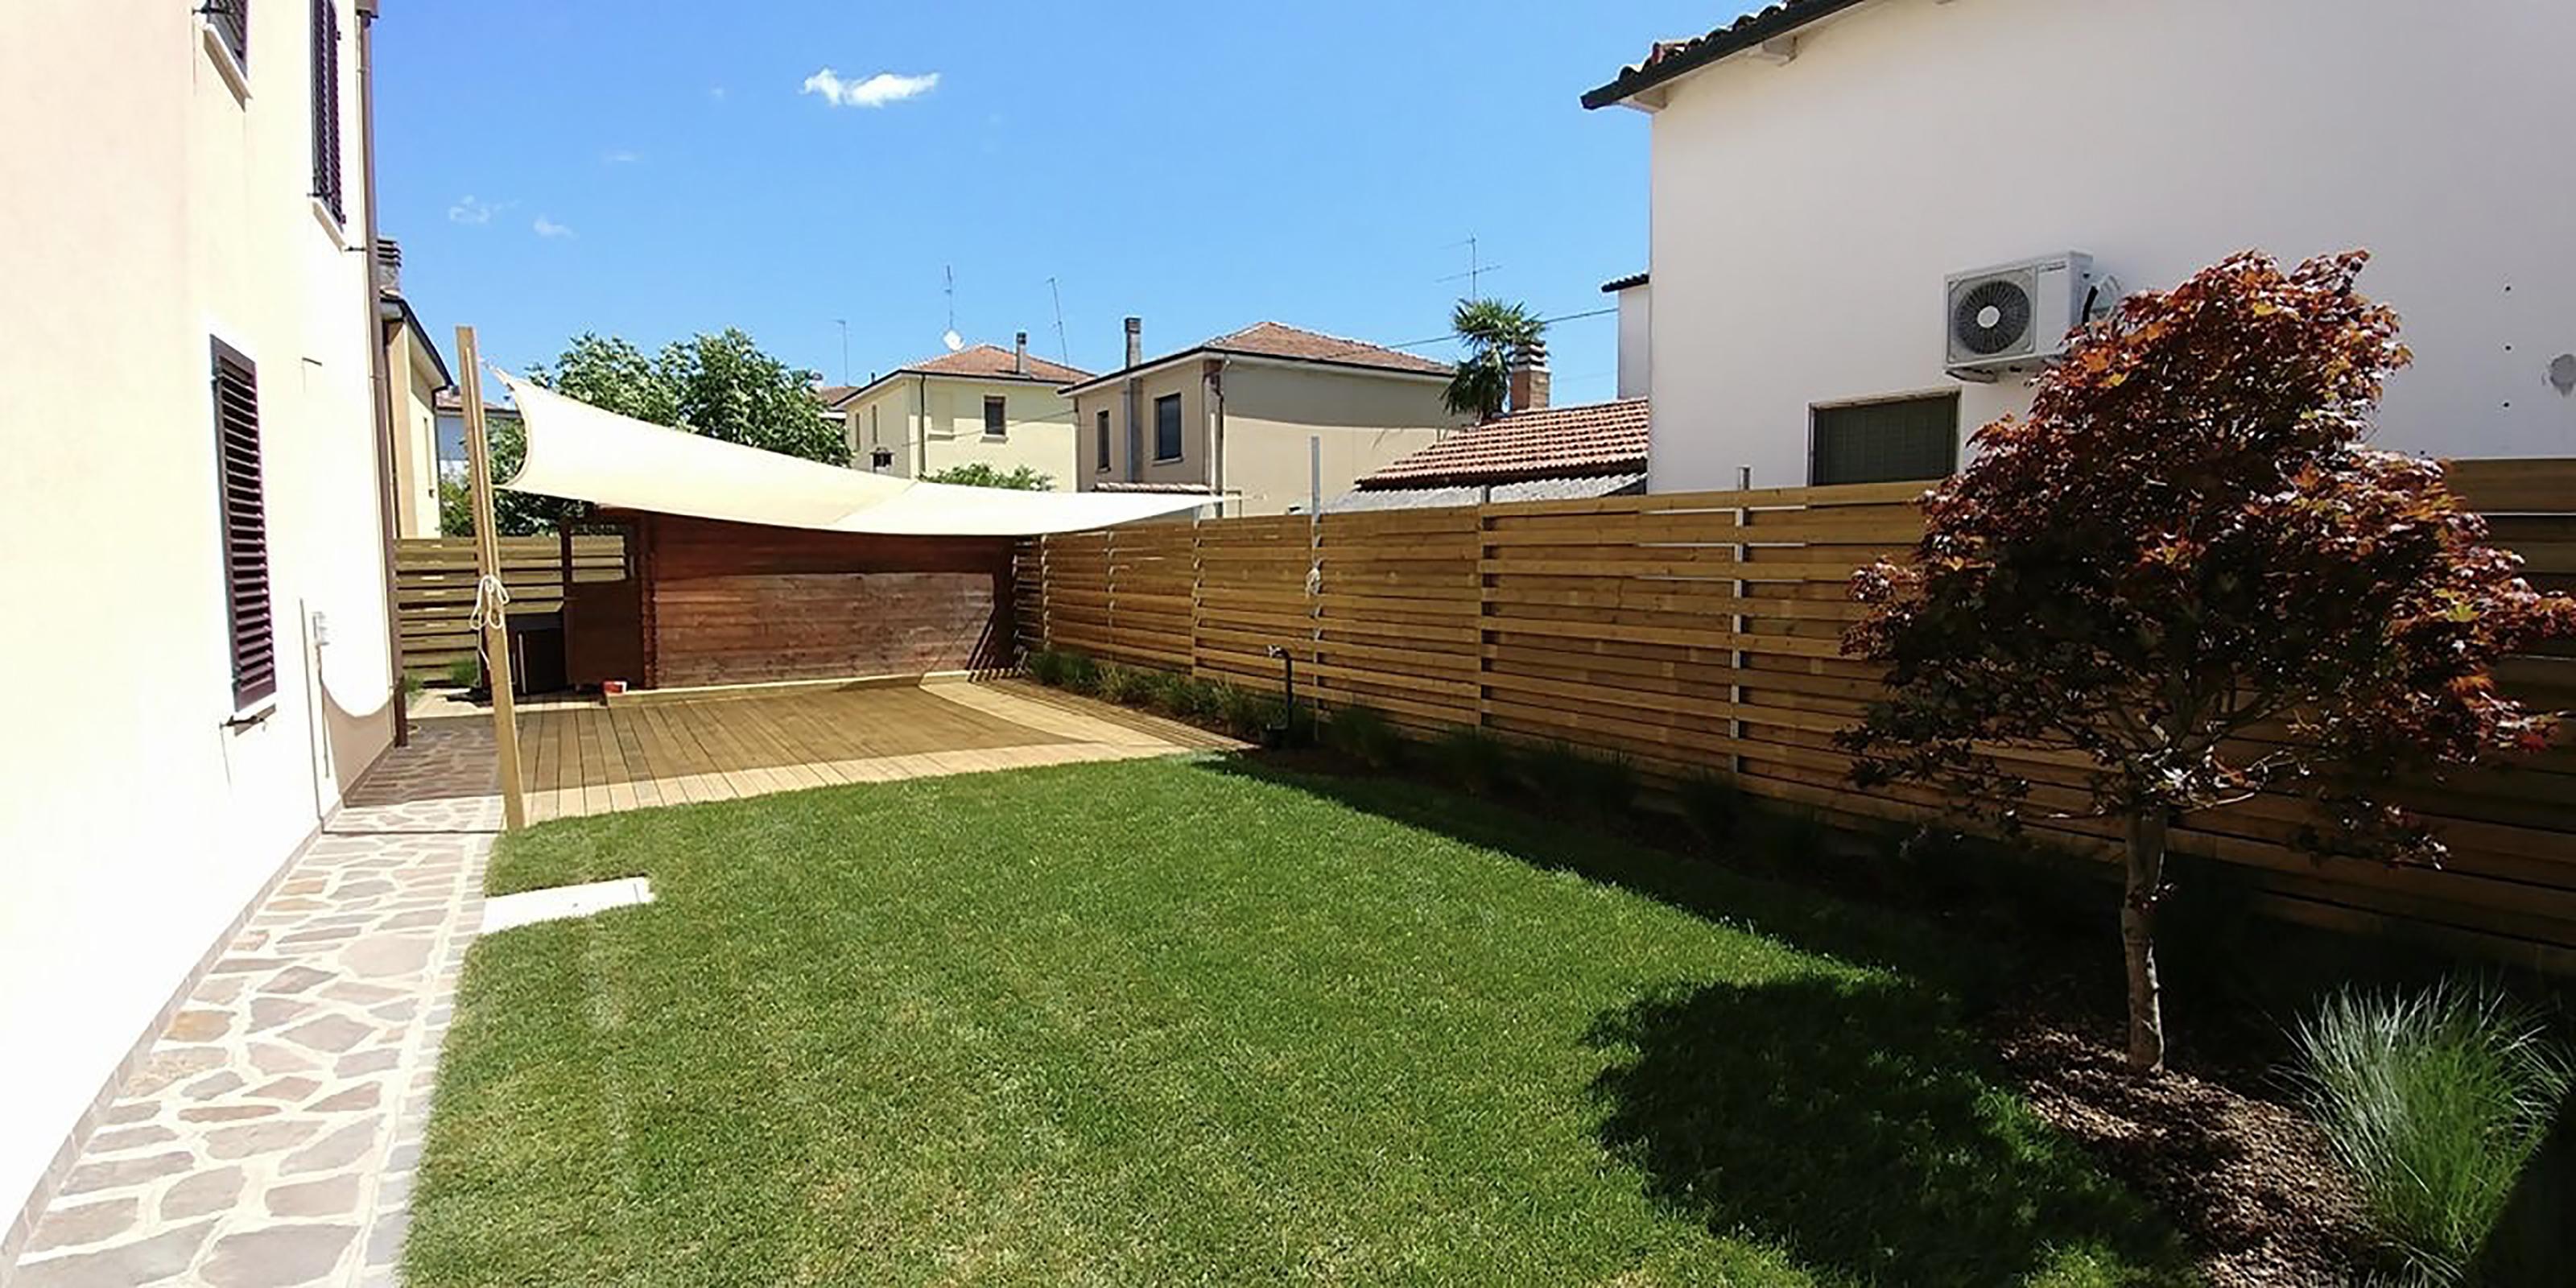 Favorito Giardini: idee originali e professionali per progettare il tuo RZ14